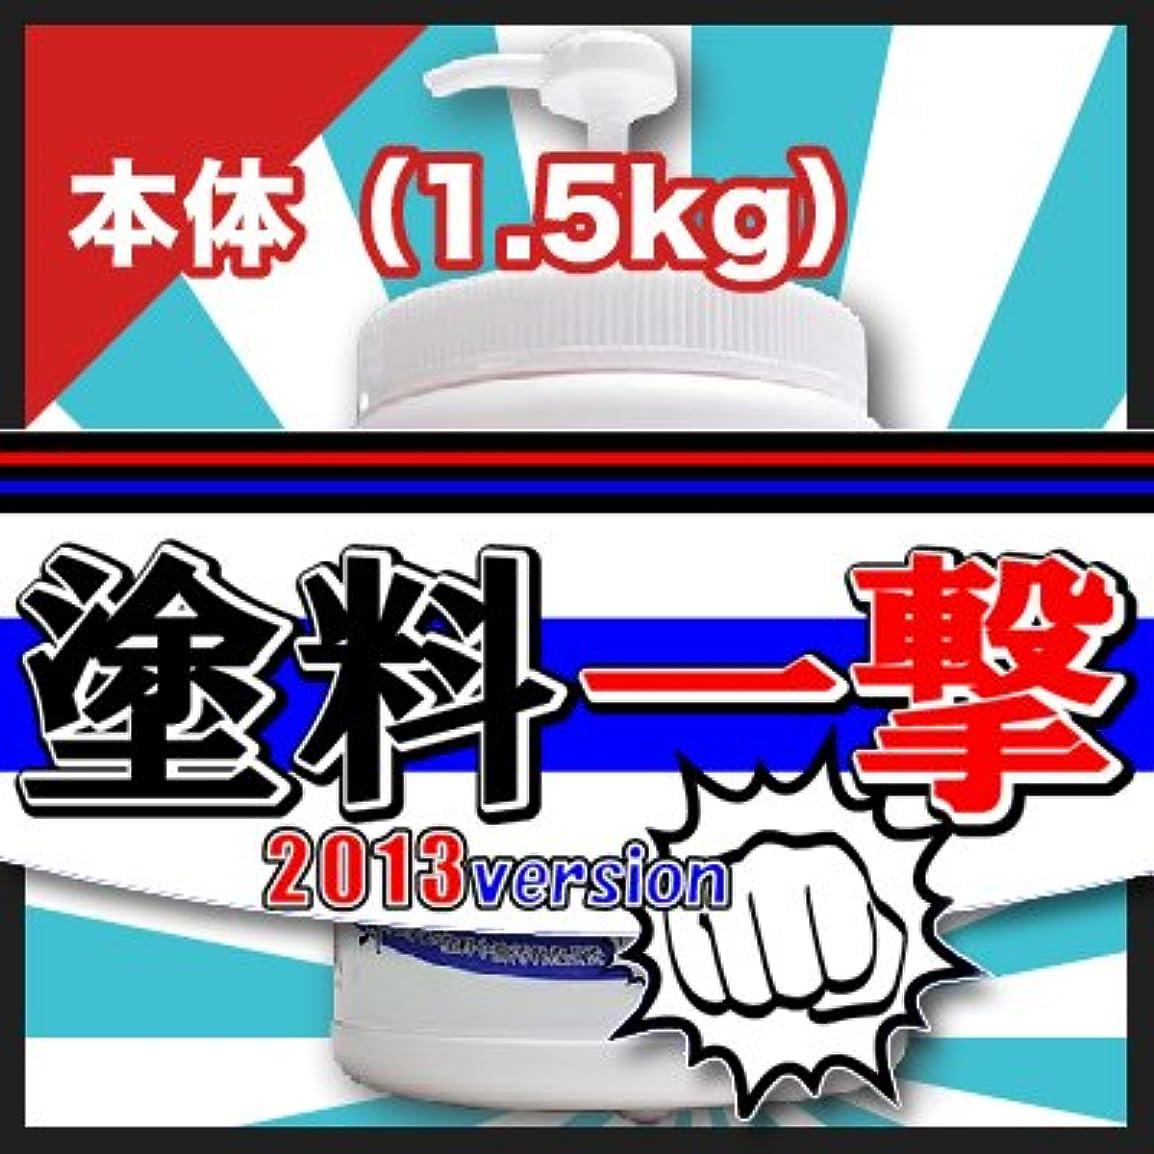 パラメータすることになっているお誕生日D.Iプランニング 塗料一撃 2013 Version 本体 (1.5kg)